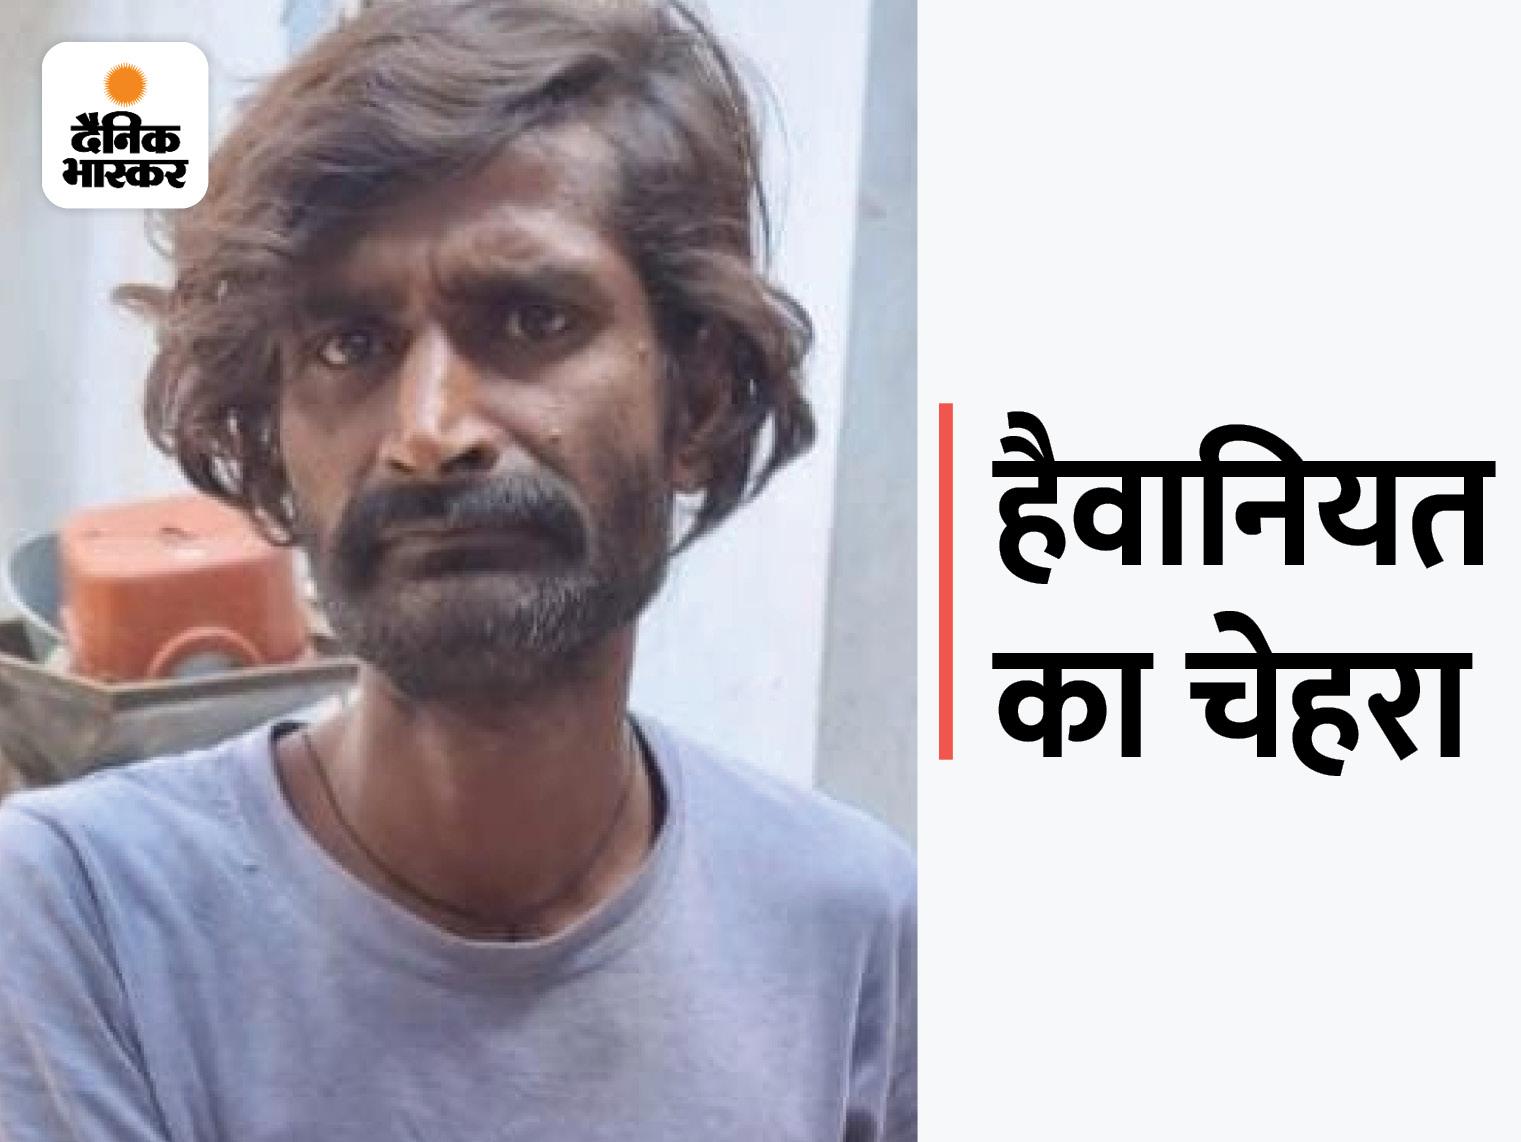 साढ़े तीन घंटे तक पत्नी को डंडे से पीटता रहा युवक, बेटियां रहम की मिन्नतें करती रहीं भोपाल,Bhopal - Dainik Bhaskar